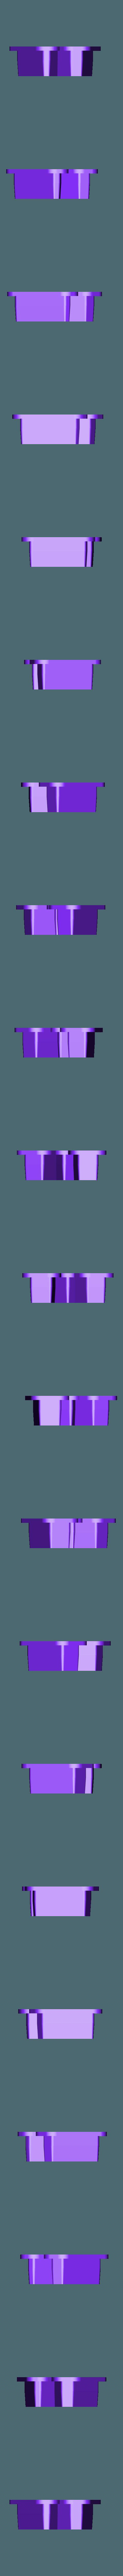 BLEU Petit W.STL Download STL file Patrol Punch (Paw Patrol) • 3D print object, Chris-tropherIlParait